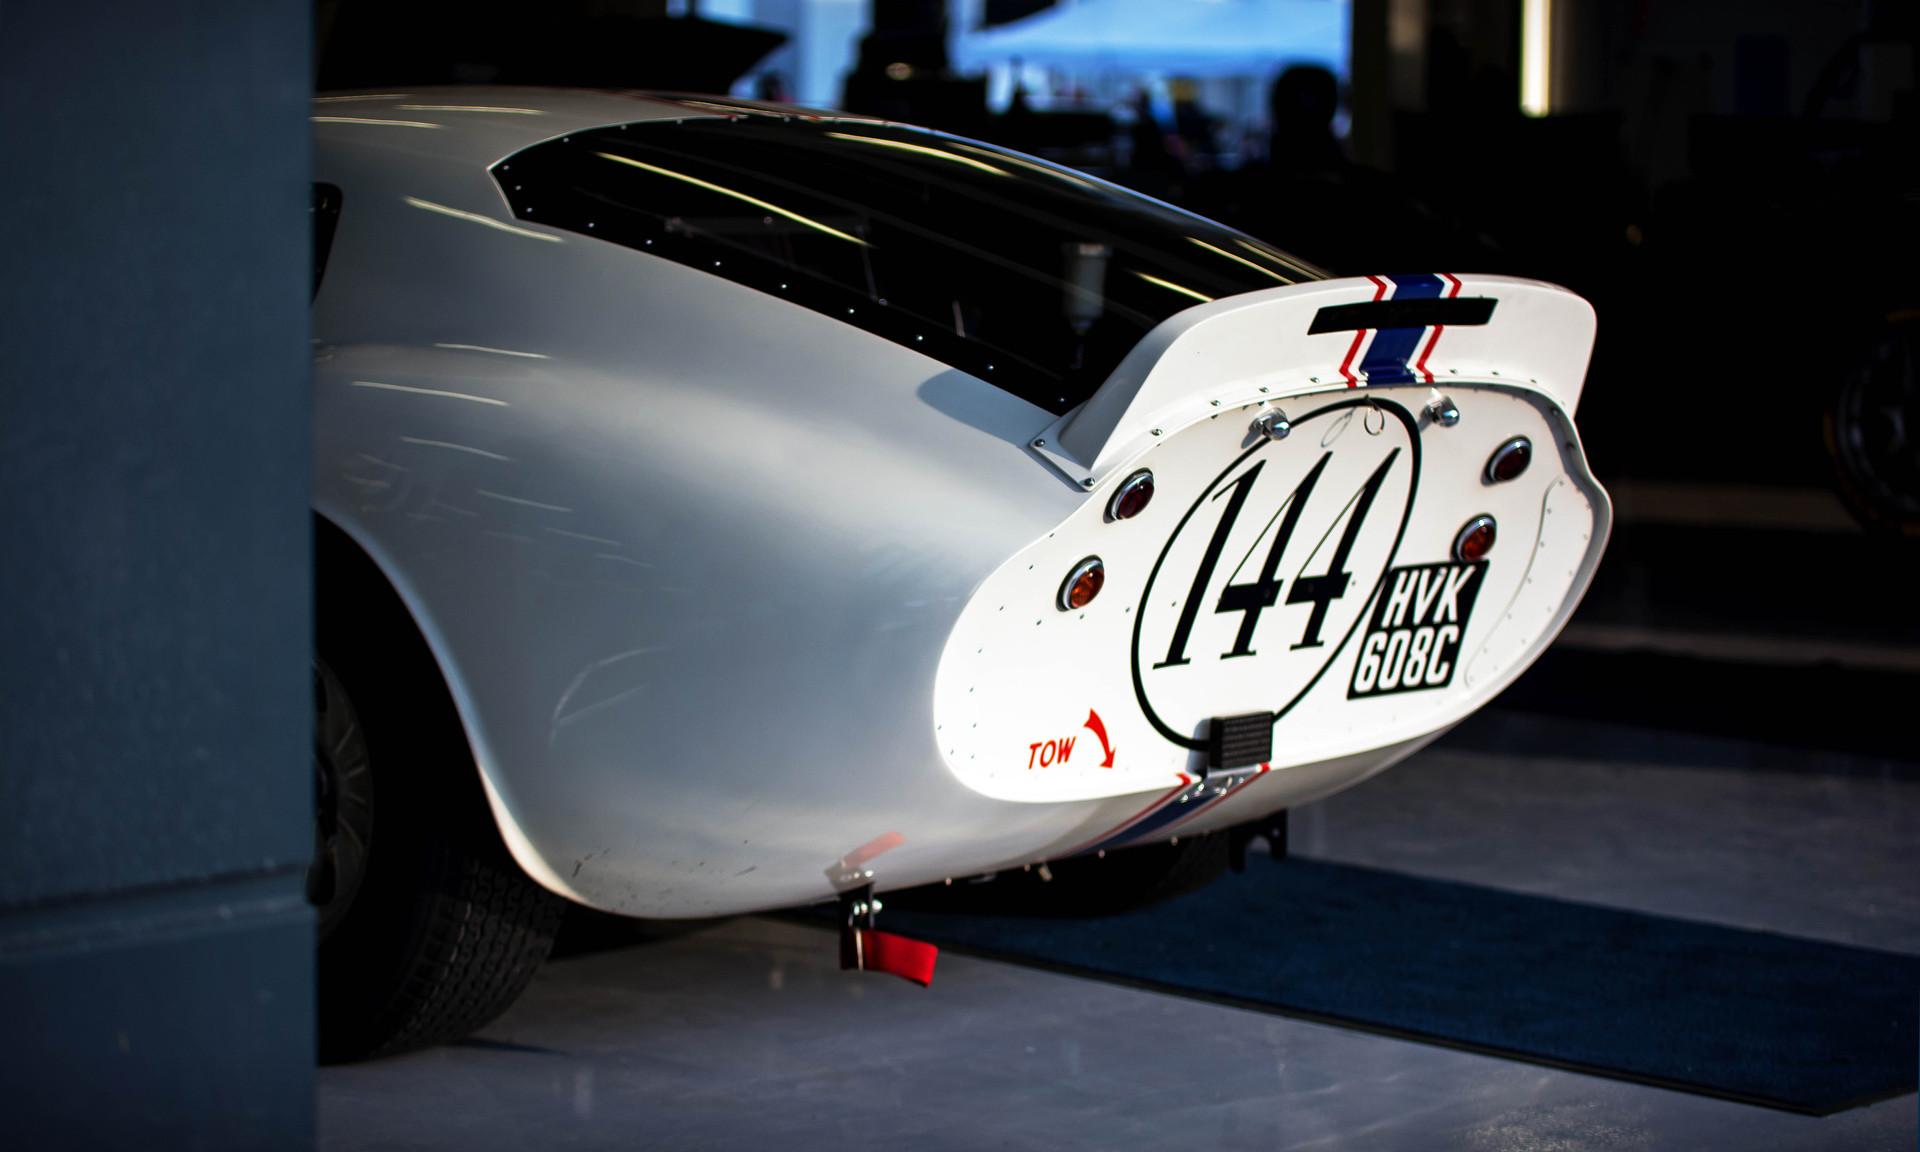 Paul Pochciol's 1965 Shelby Daytona Cobra